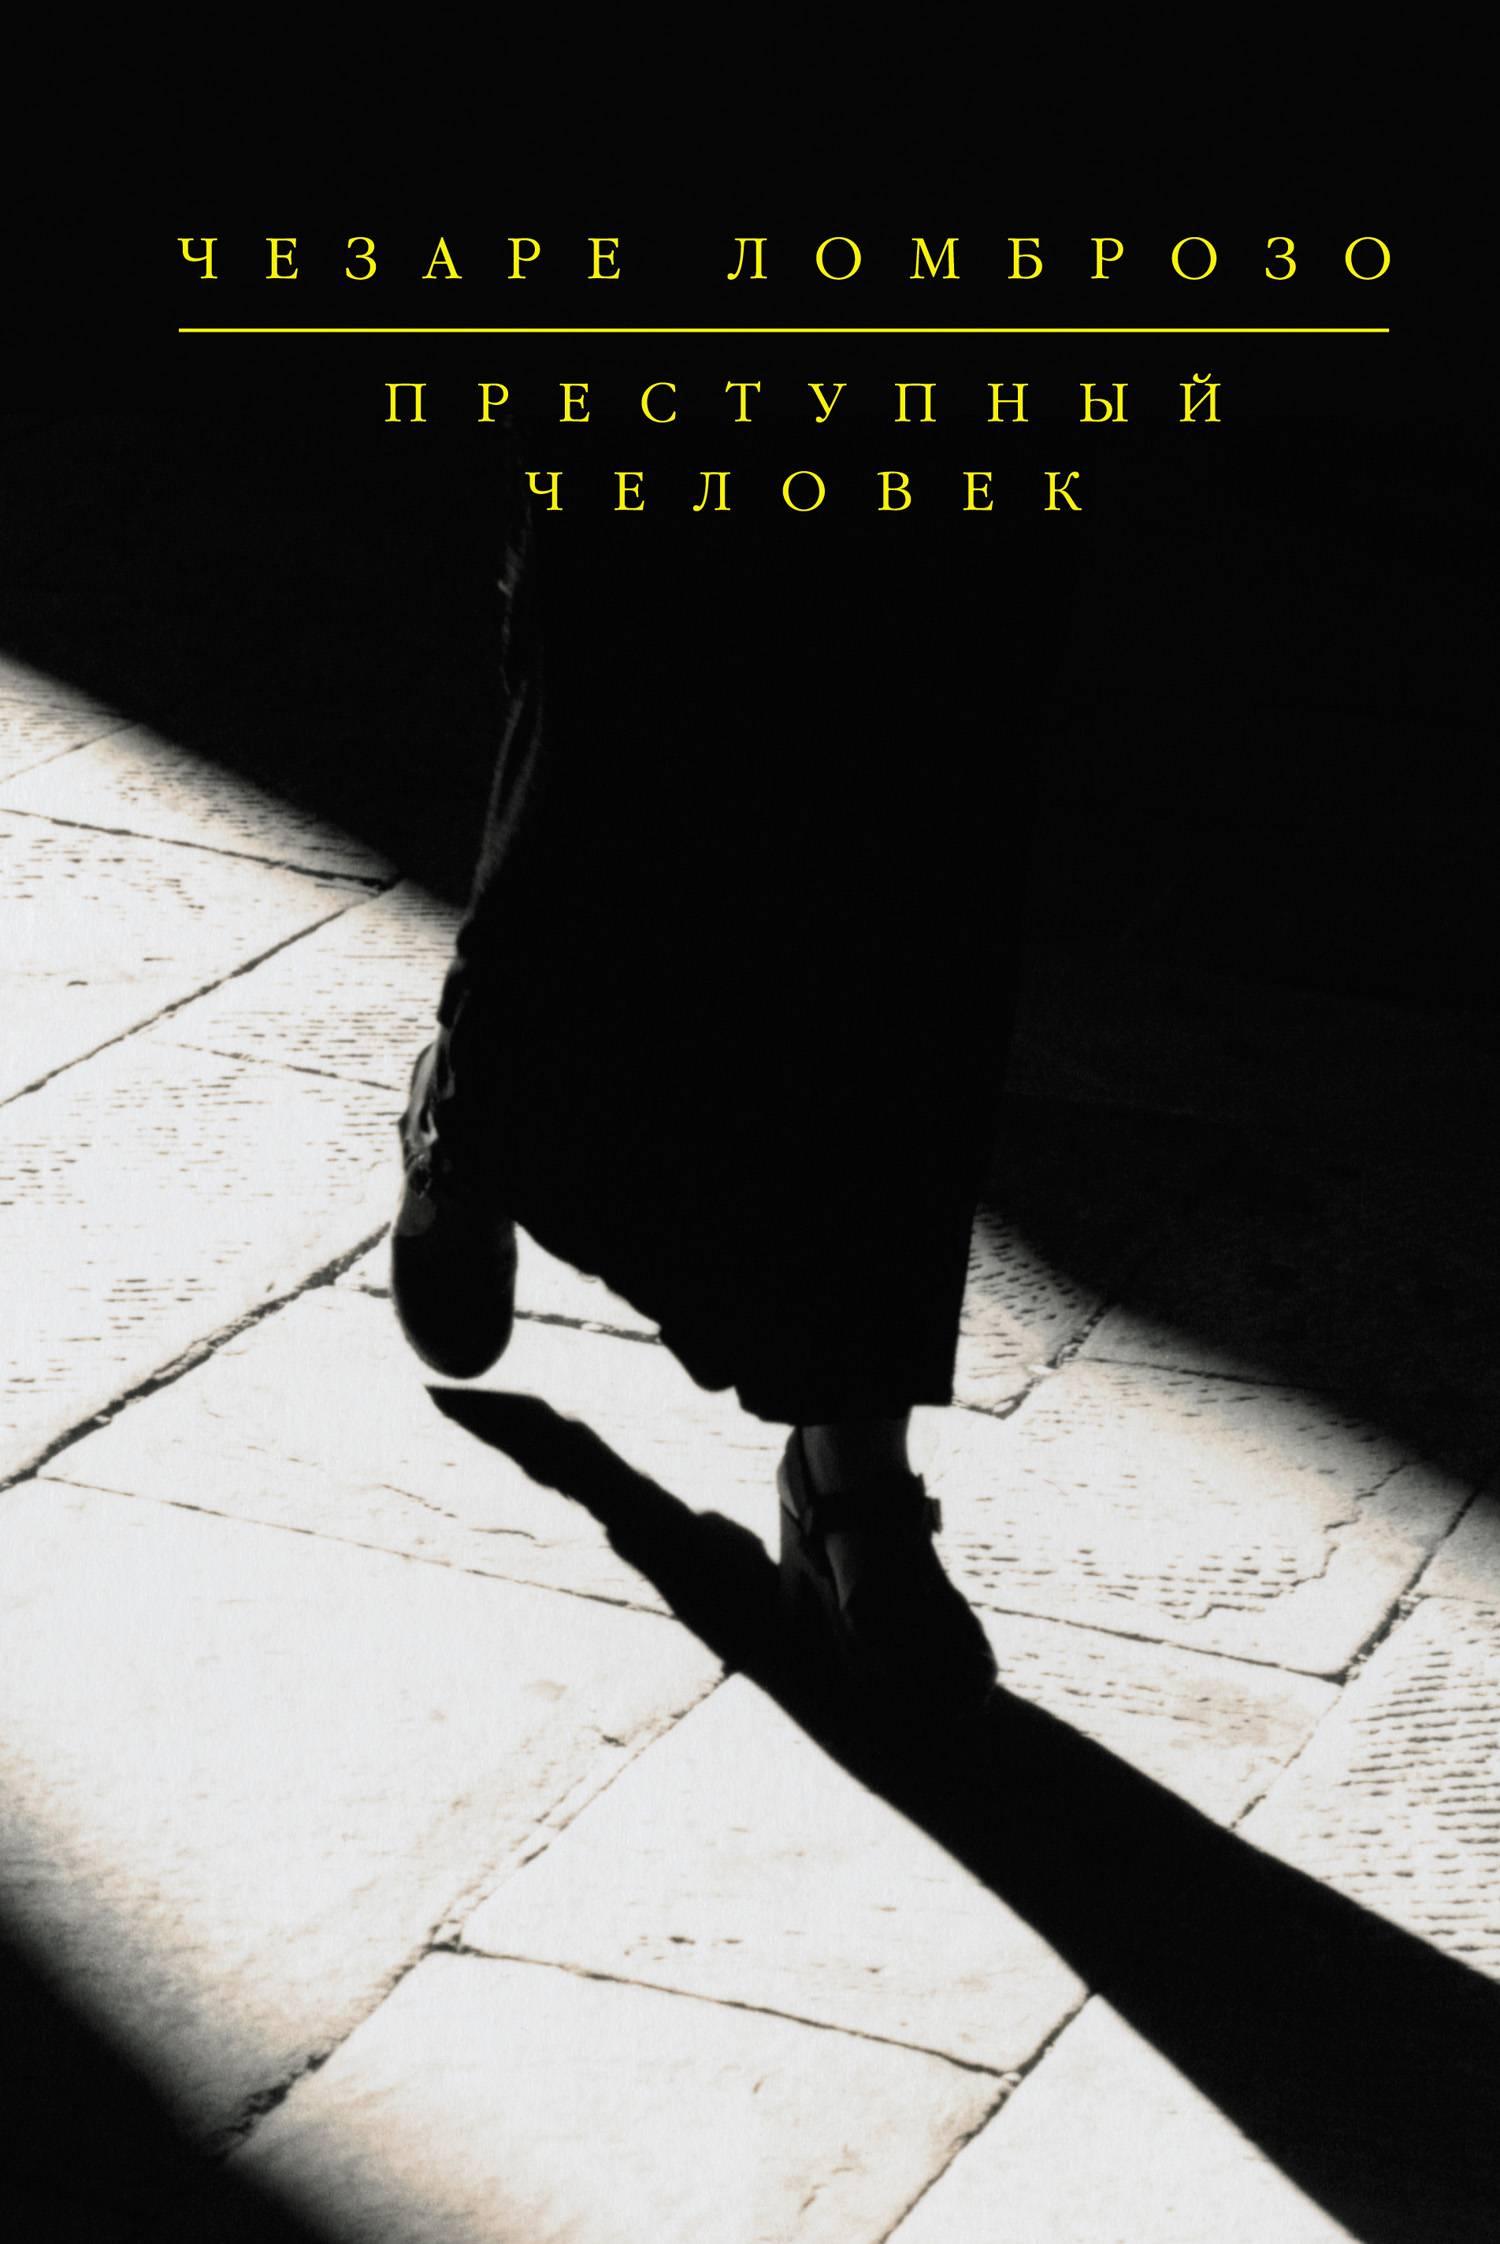 Читать книгу политическая преступность и революция чезаре ломброзо : онлайн чтение - страница 1